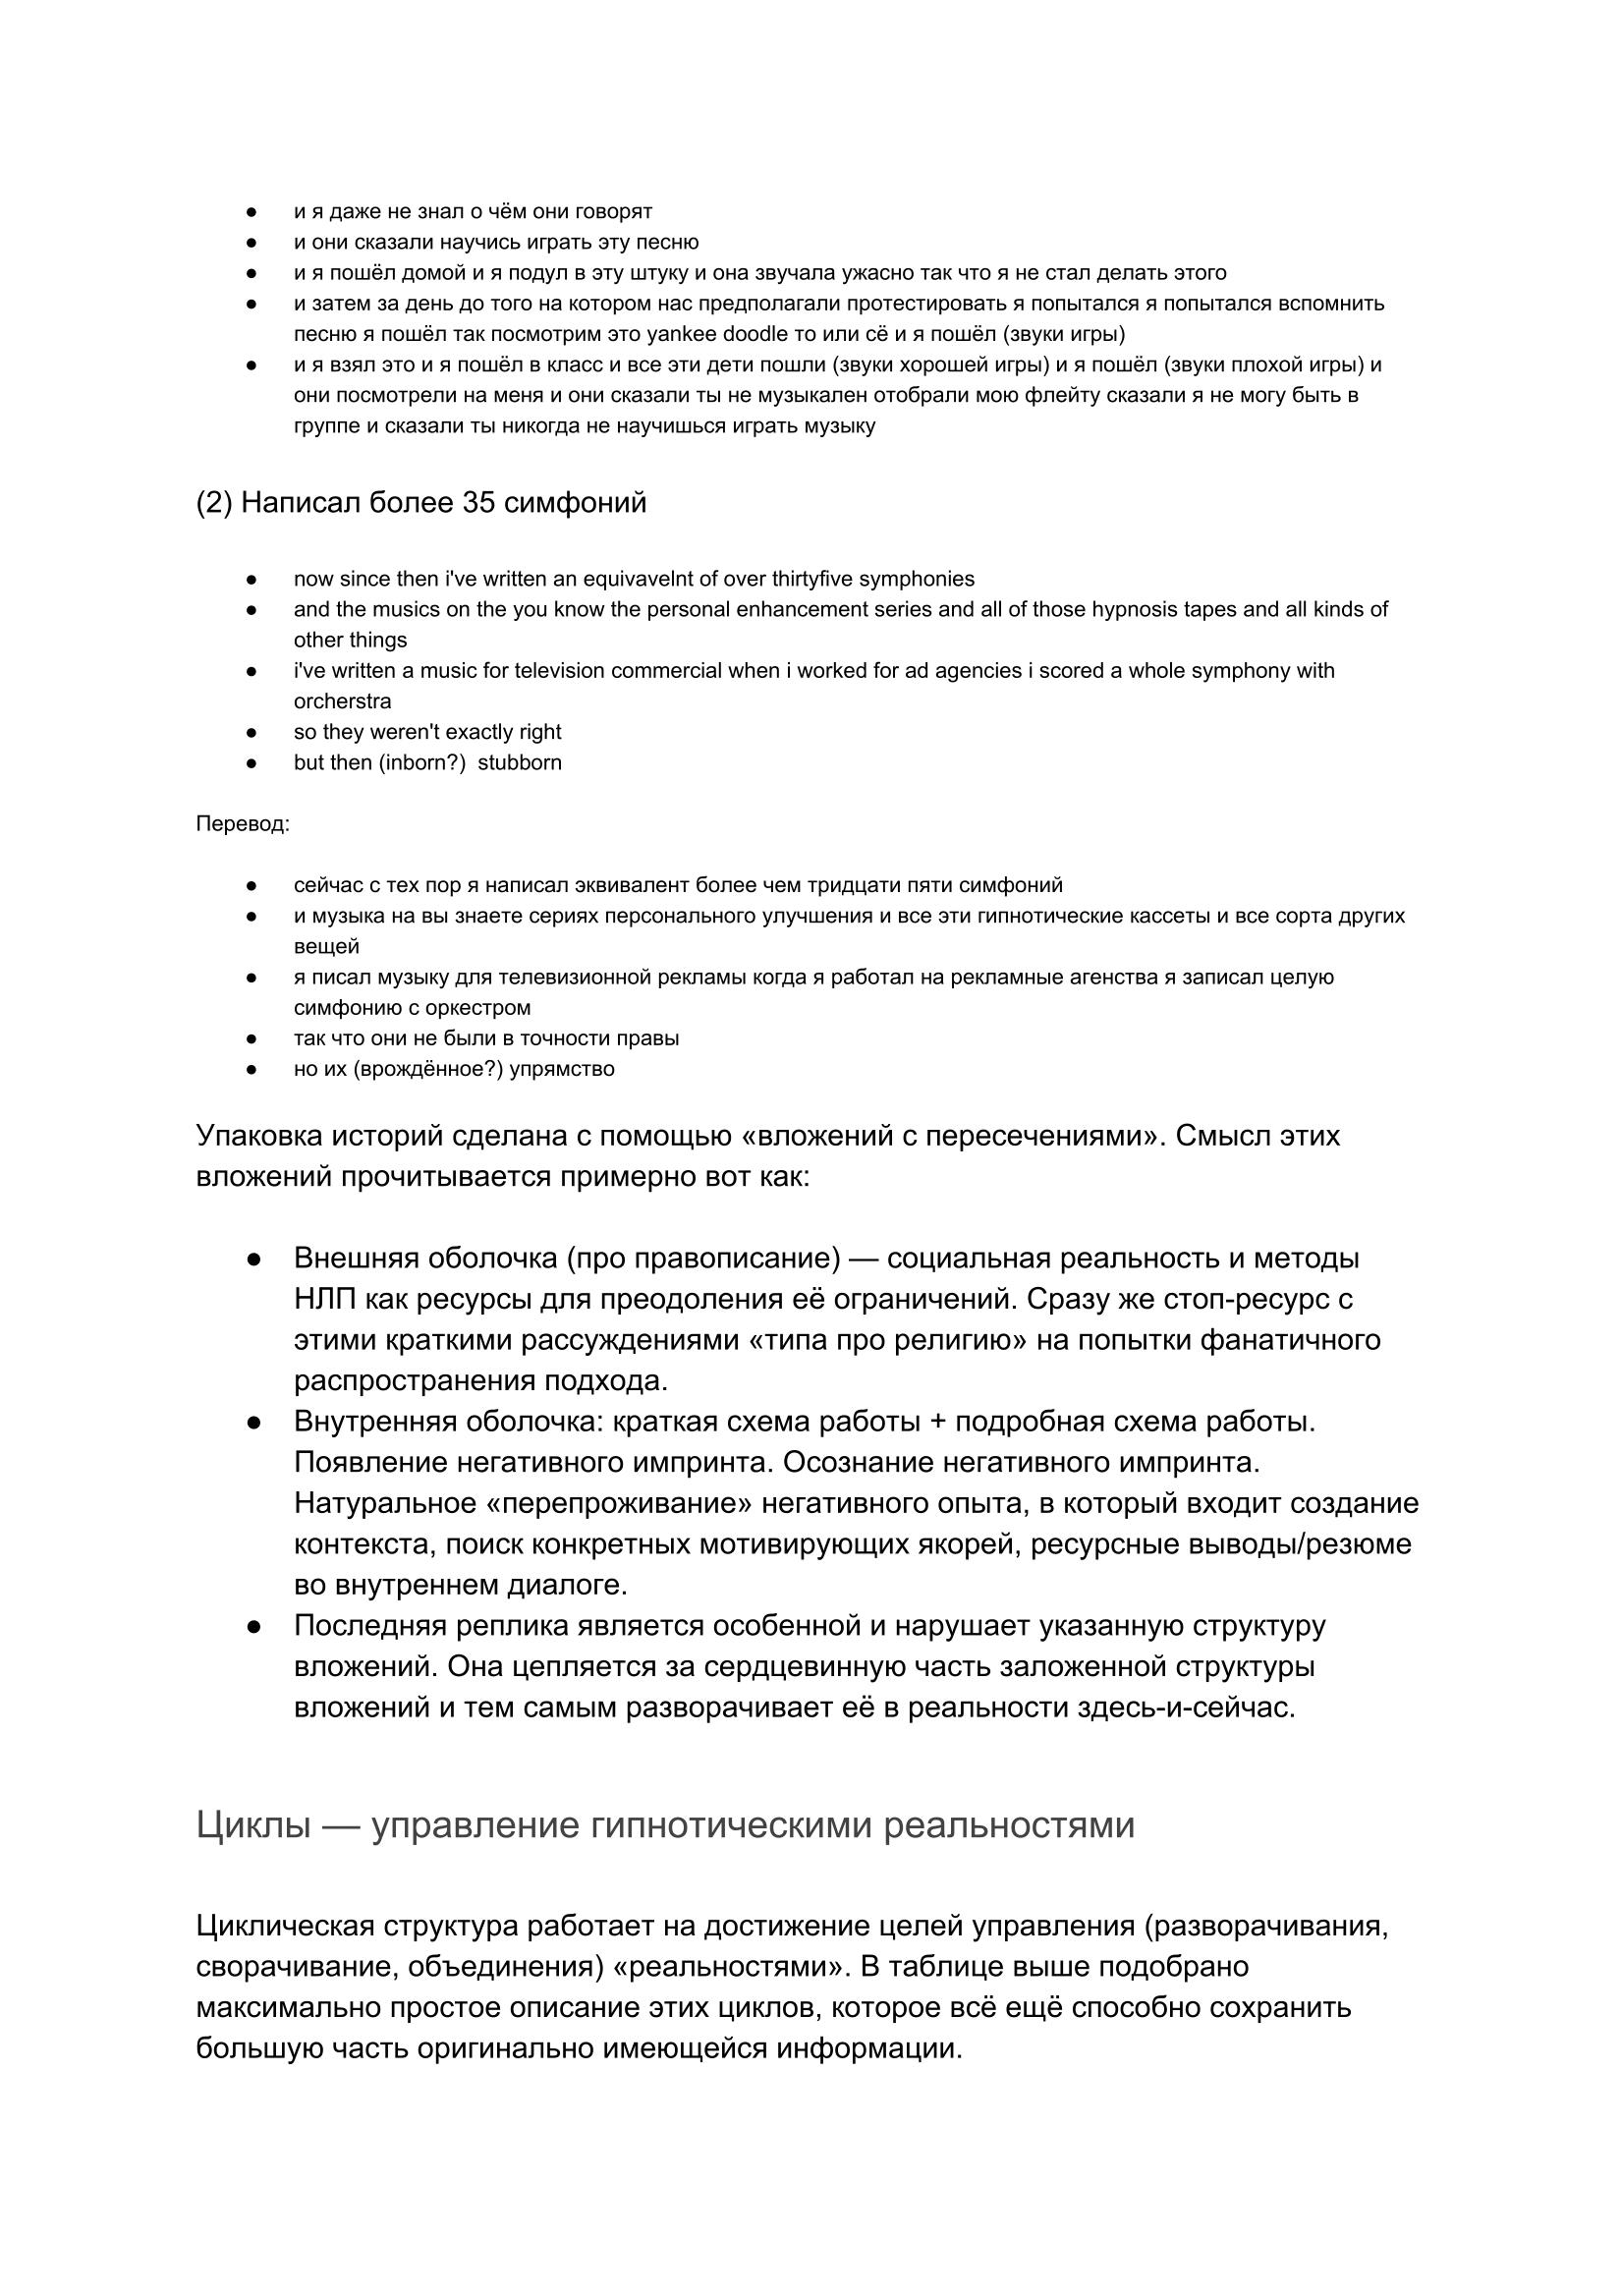 Код Бандлера_copy-07